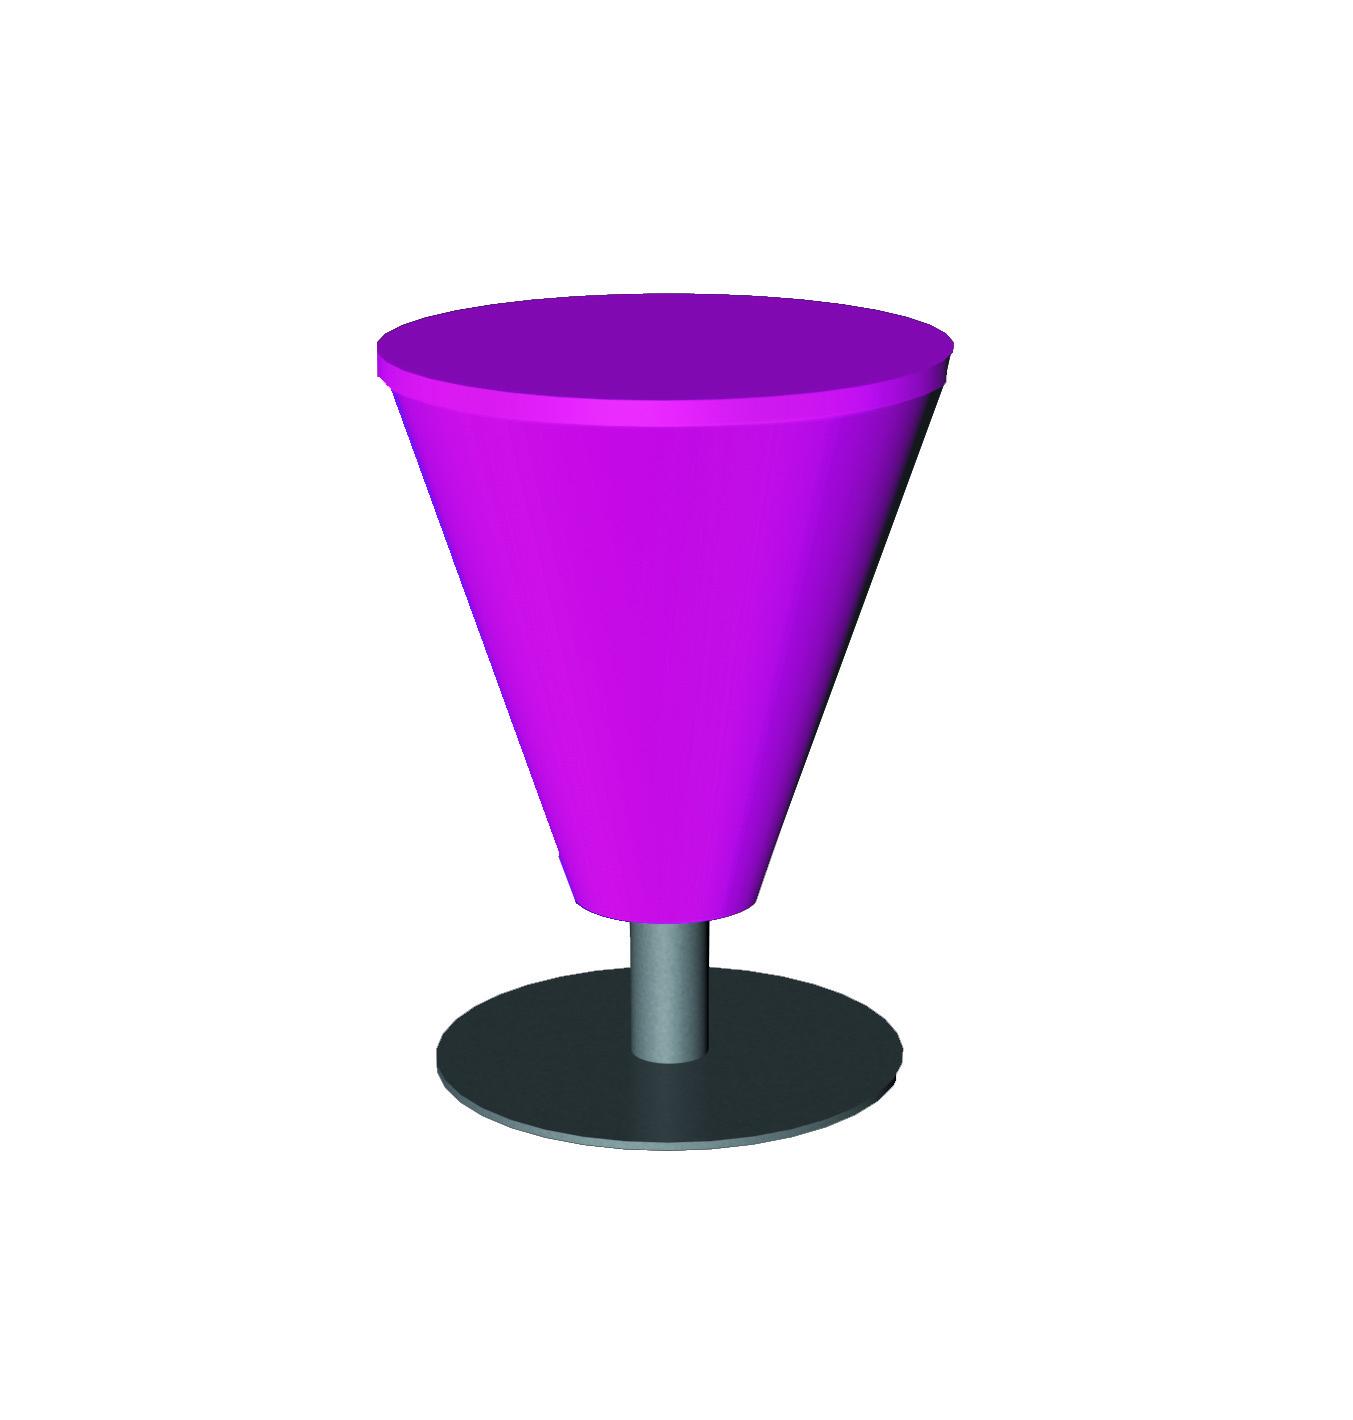 Husse, rund, Papiertischdecke, Tischtuch, bedruckt, bedruckbar, individuell, Event, Veranstaltungen, Event-Design, Party.